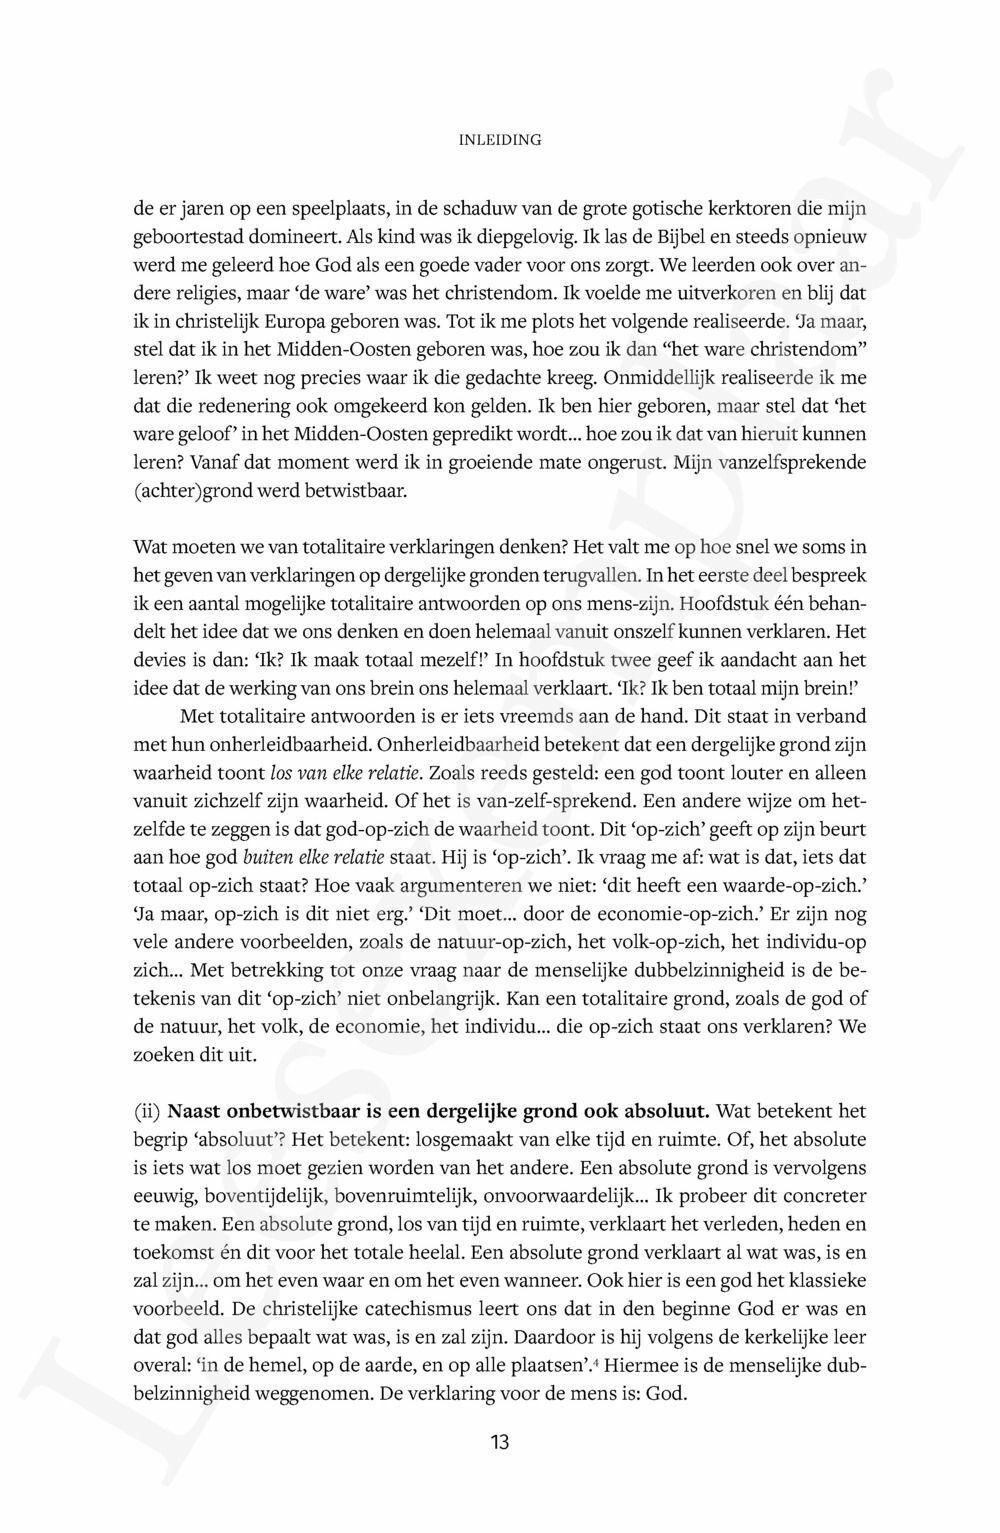 Preview: De herontdekking van de relationele mens